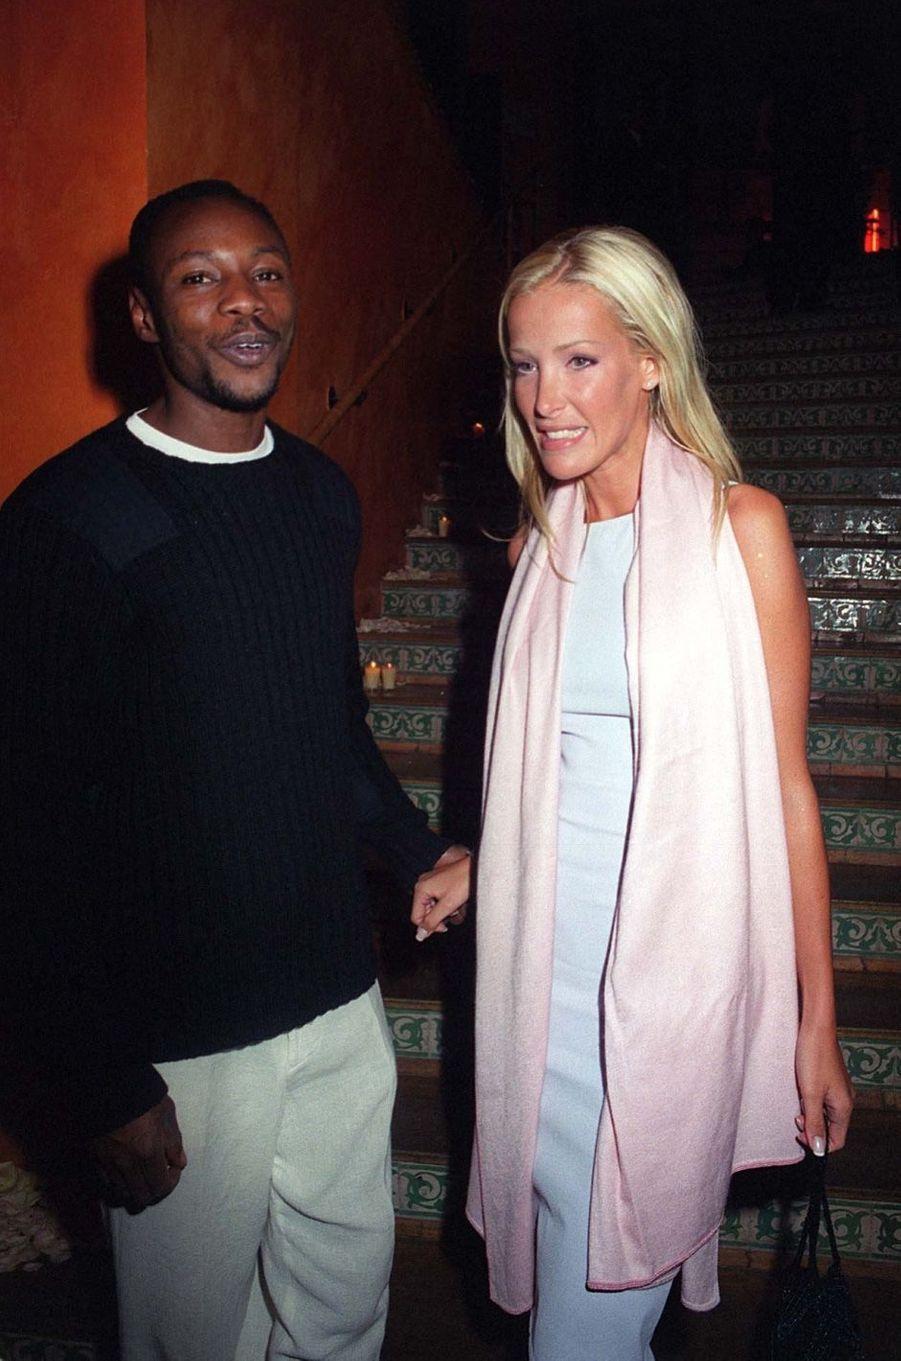 Ophélie Winter et Mc Solaar en 1999. Leur relation a duré de 1995 à 2001.